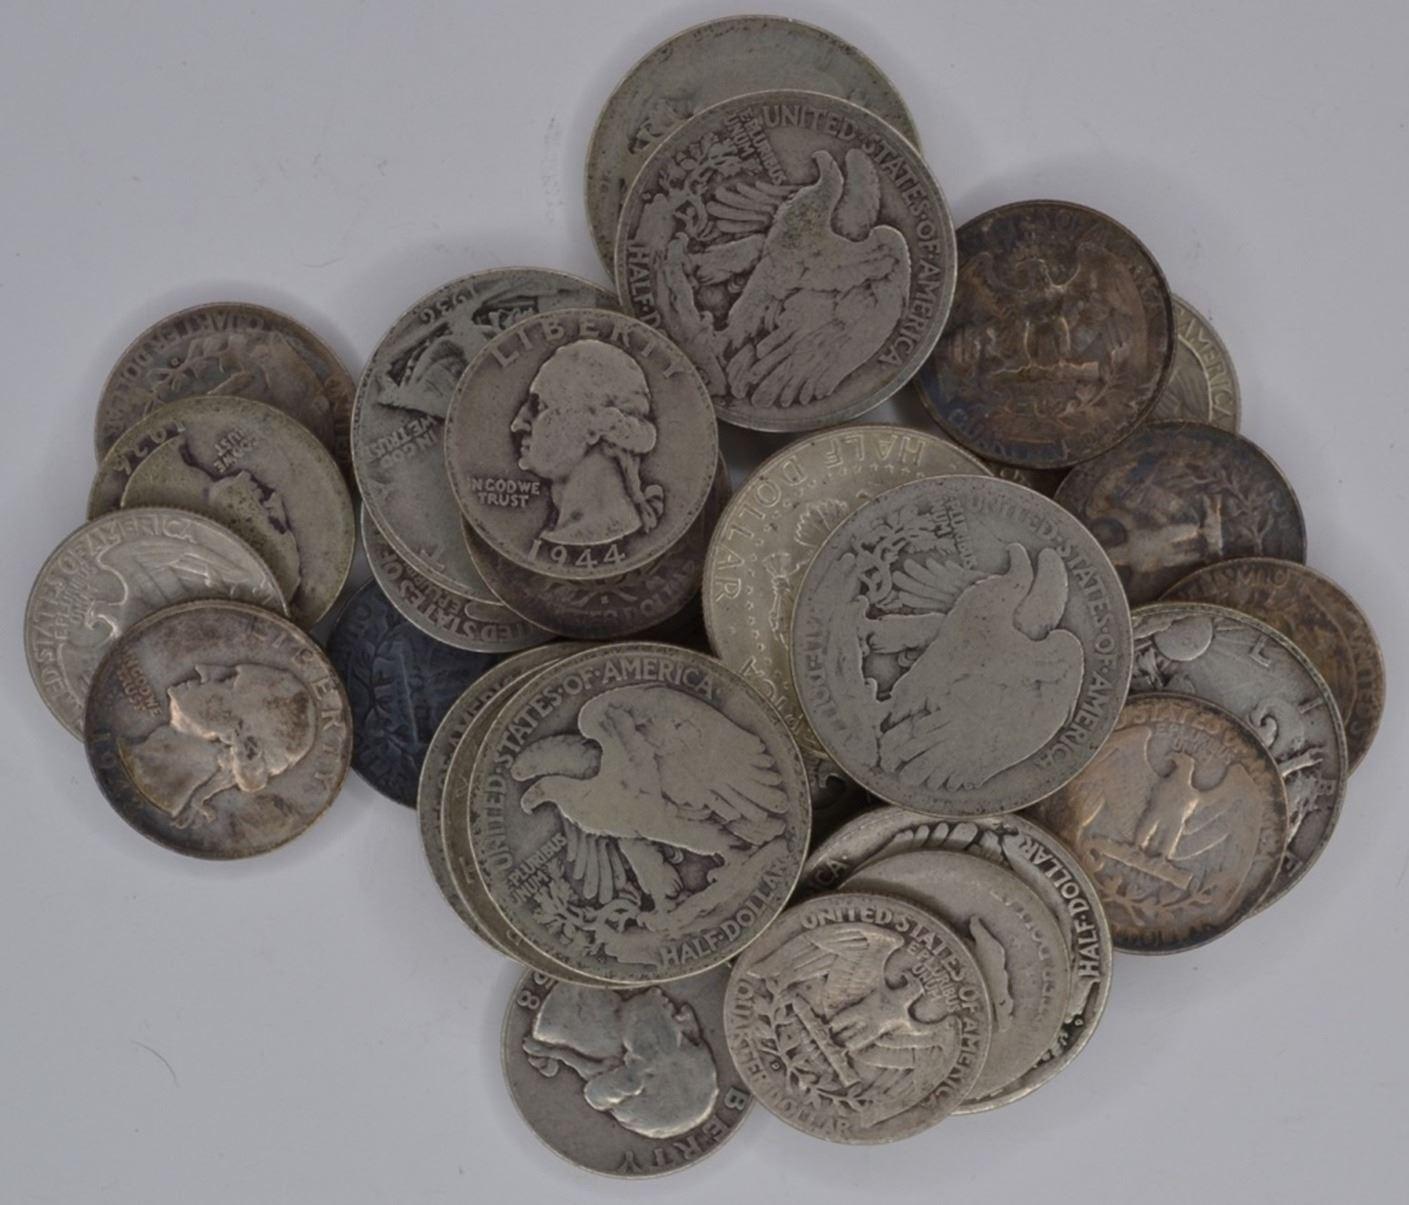 $10 00 FACE VALUE MIXED 90% SILVER COINS